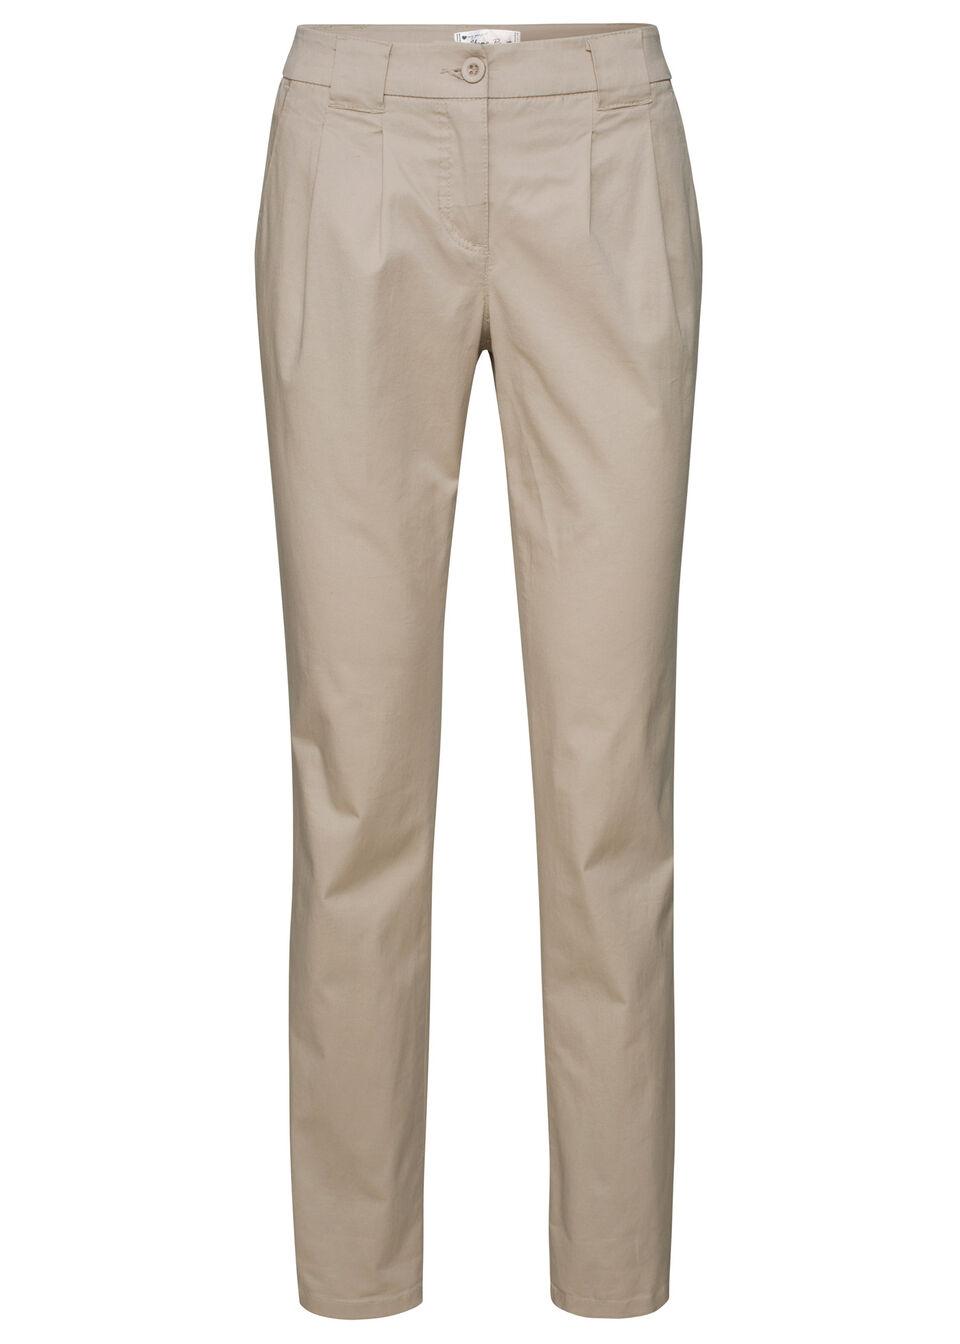 Spodnie chino ze stretchem bonprix piaskowy